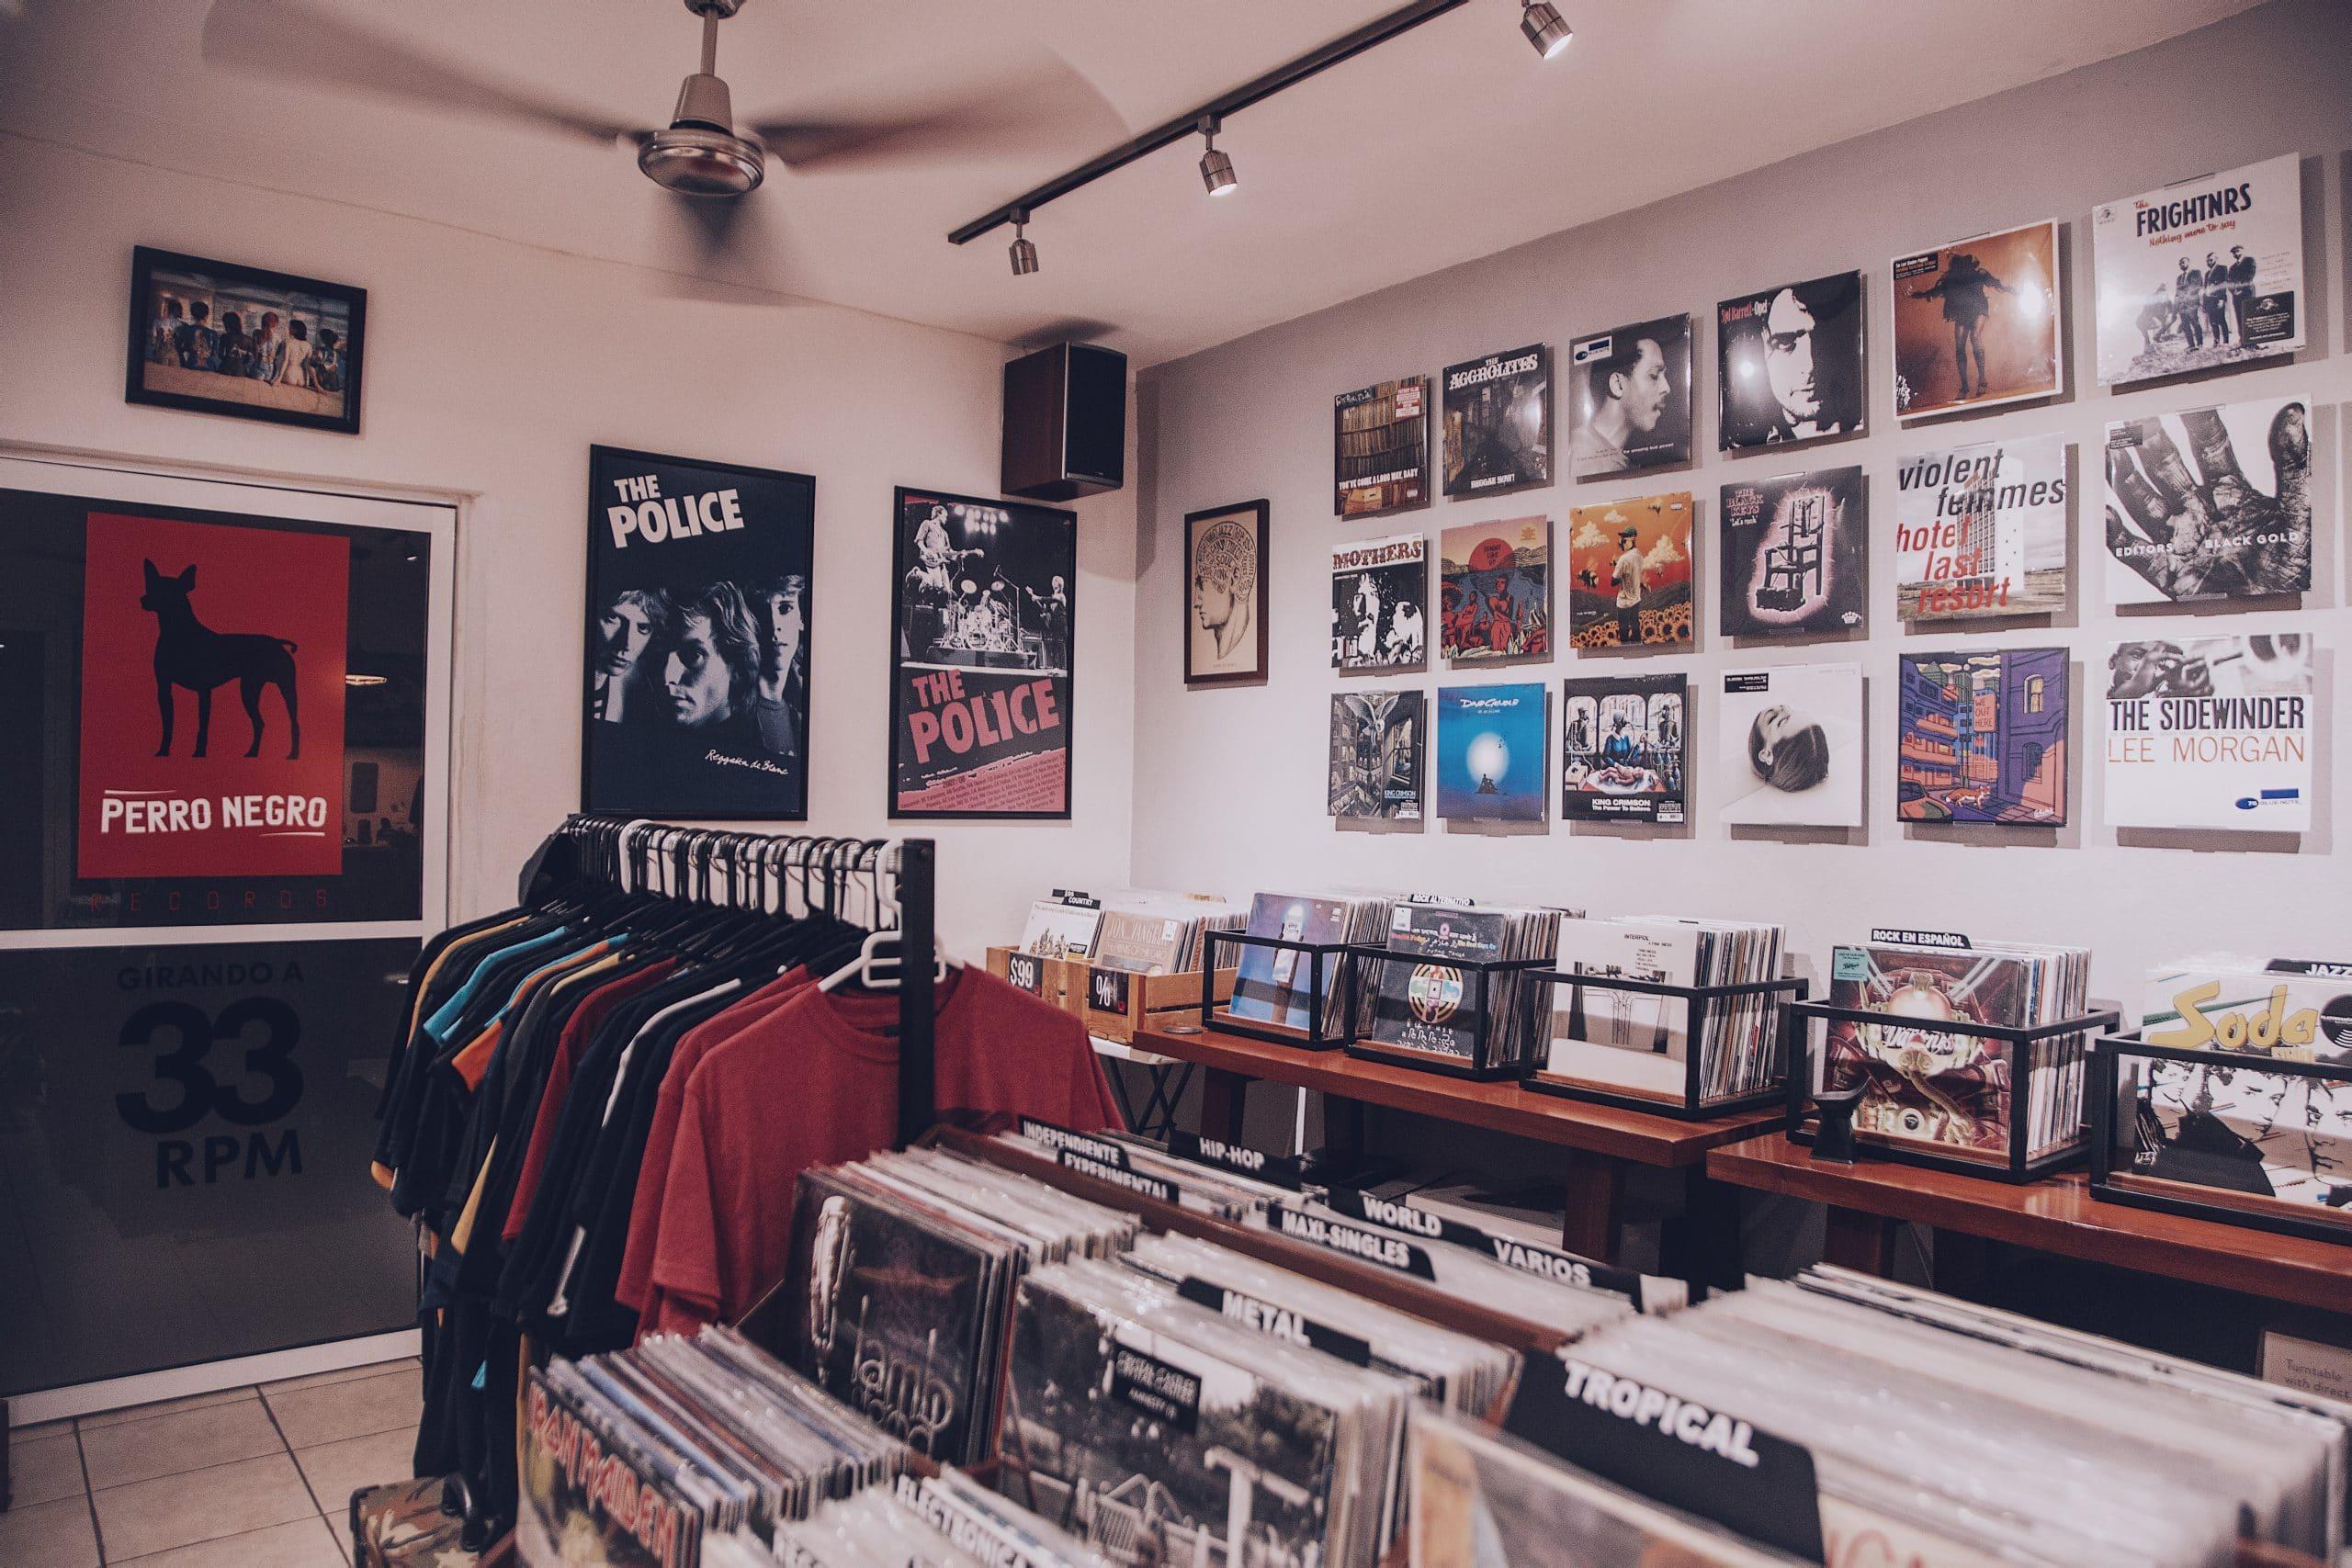 3 Discos que tienes que agregar a tu colección, por Perro Negro Records